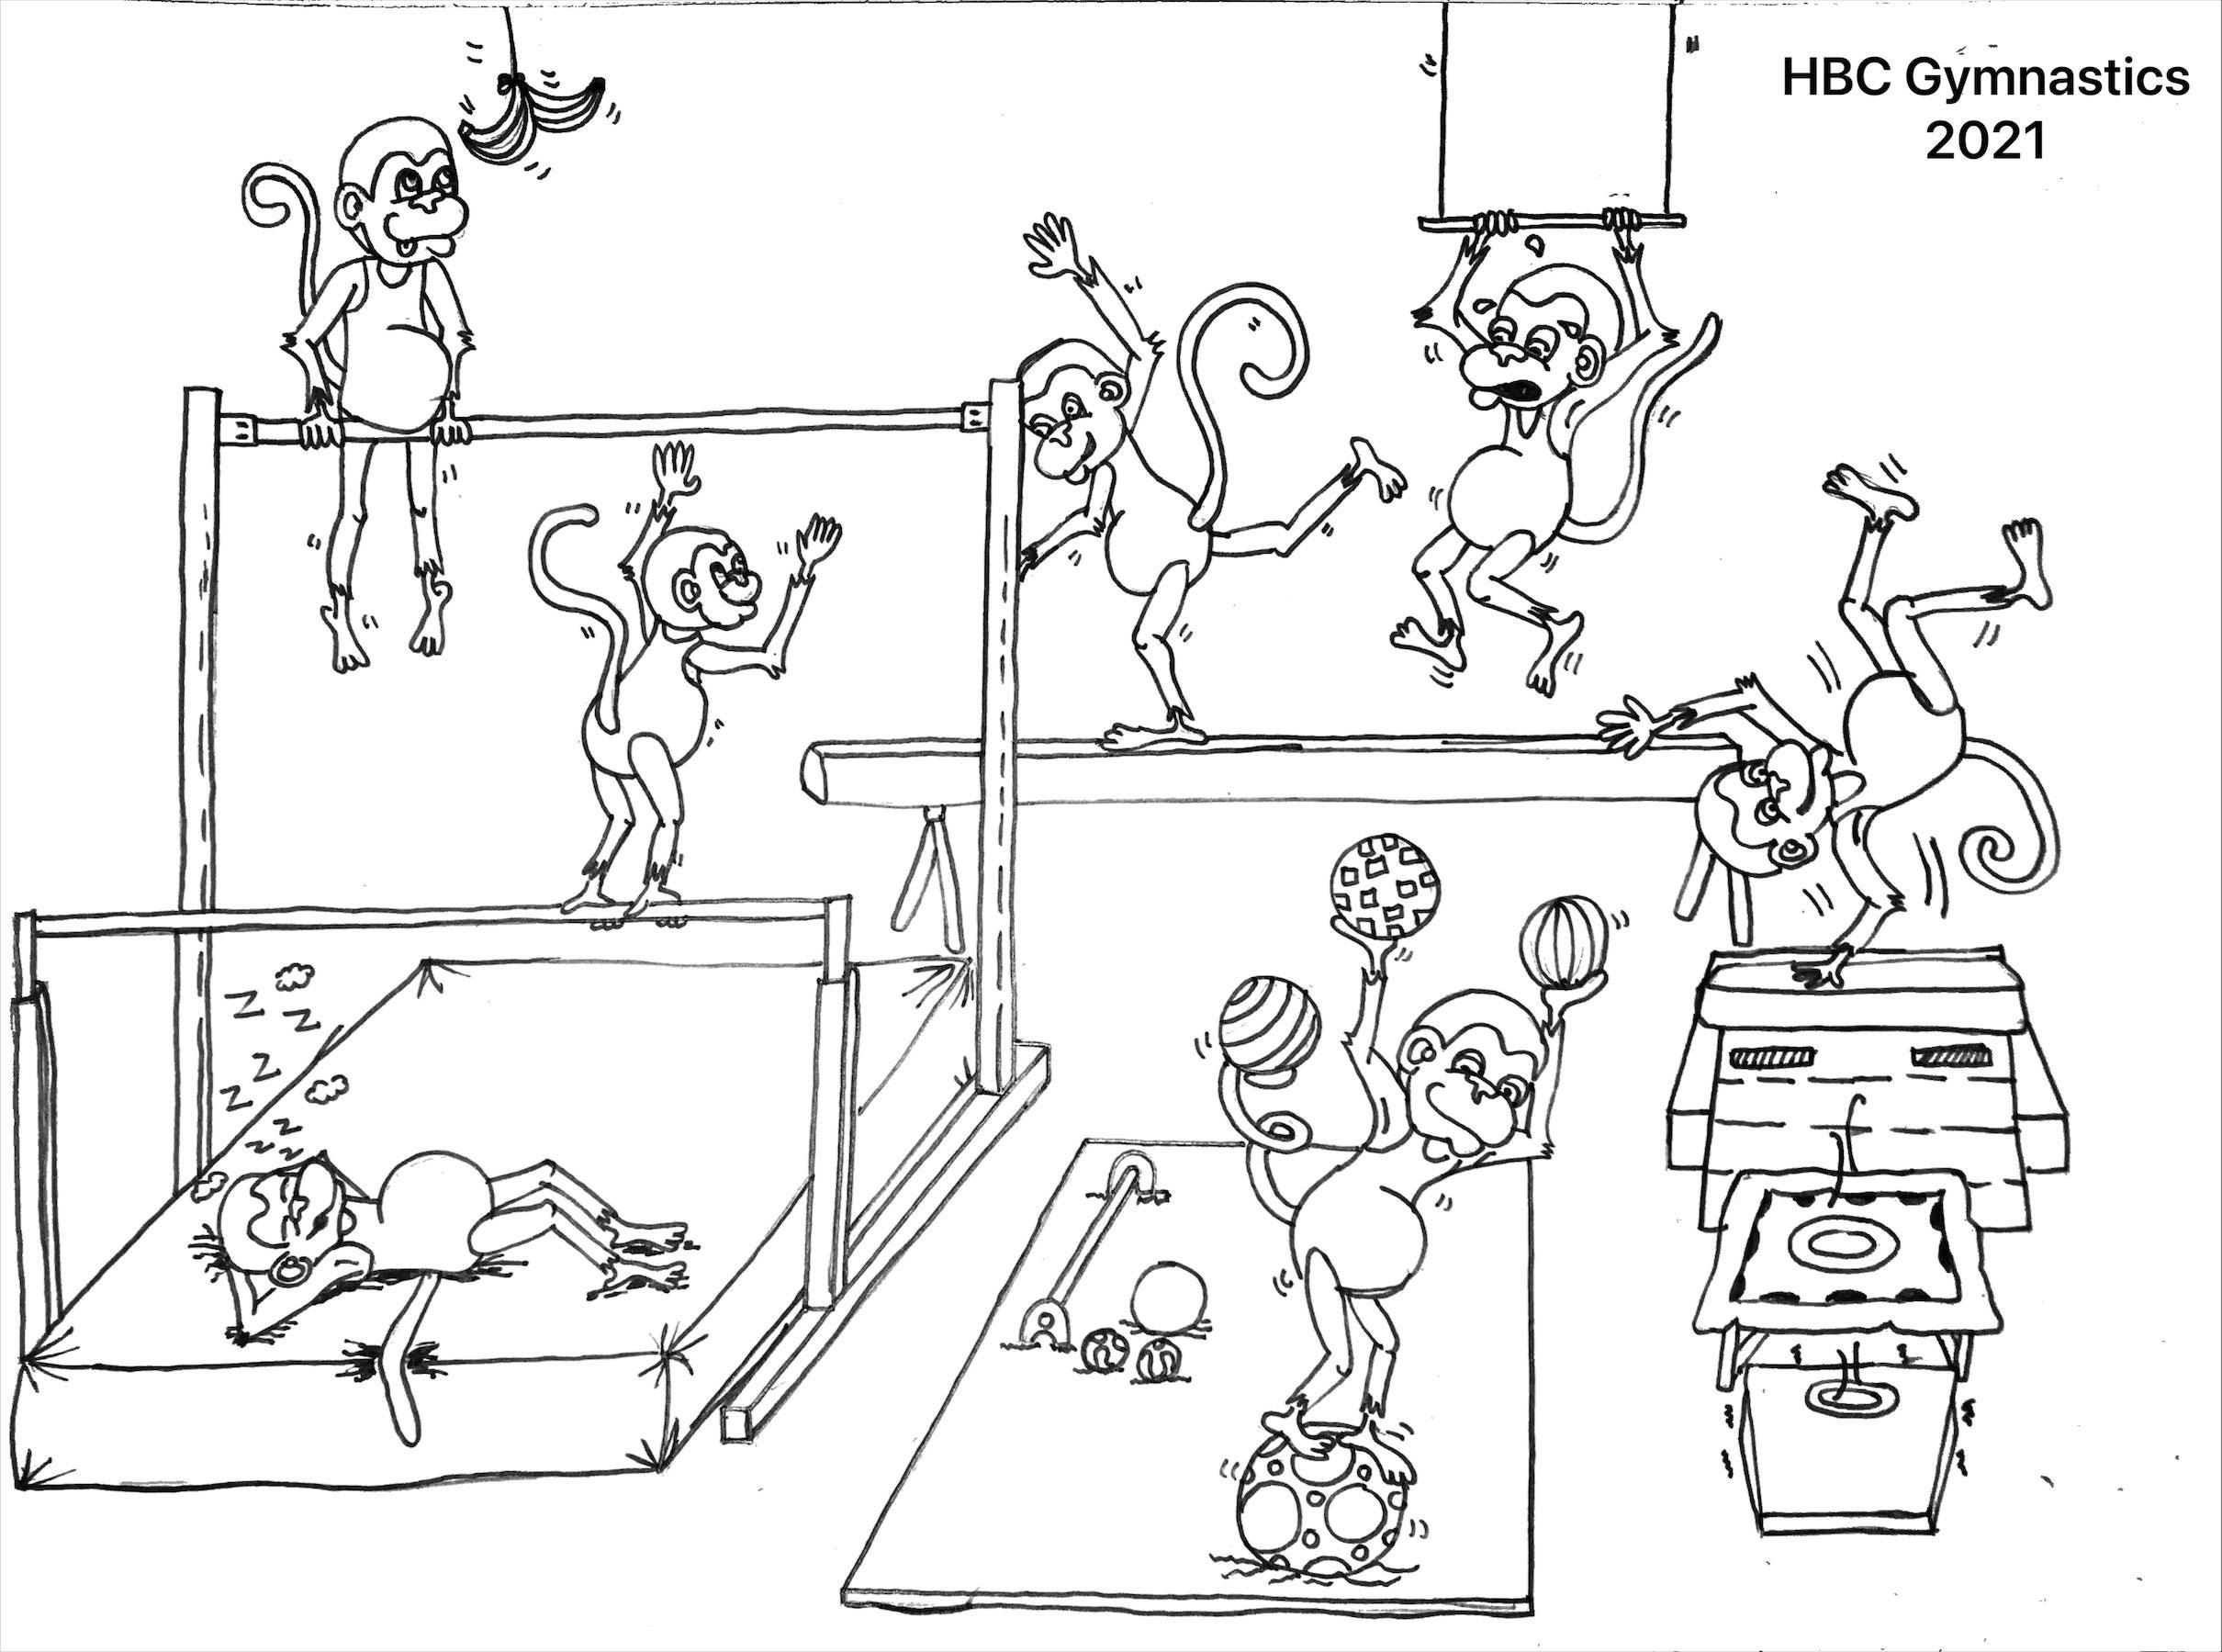 Nieuws De Website Van Hbc Gymnastics Nl Voor Turnen En Gymnastiek In Heemstede En Bennebroek